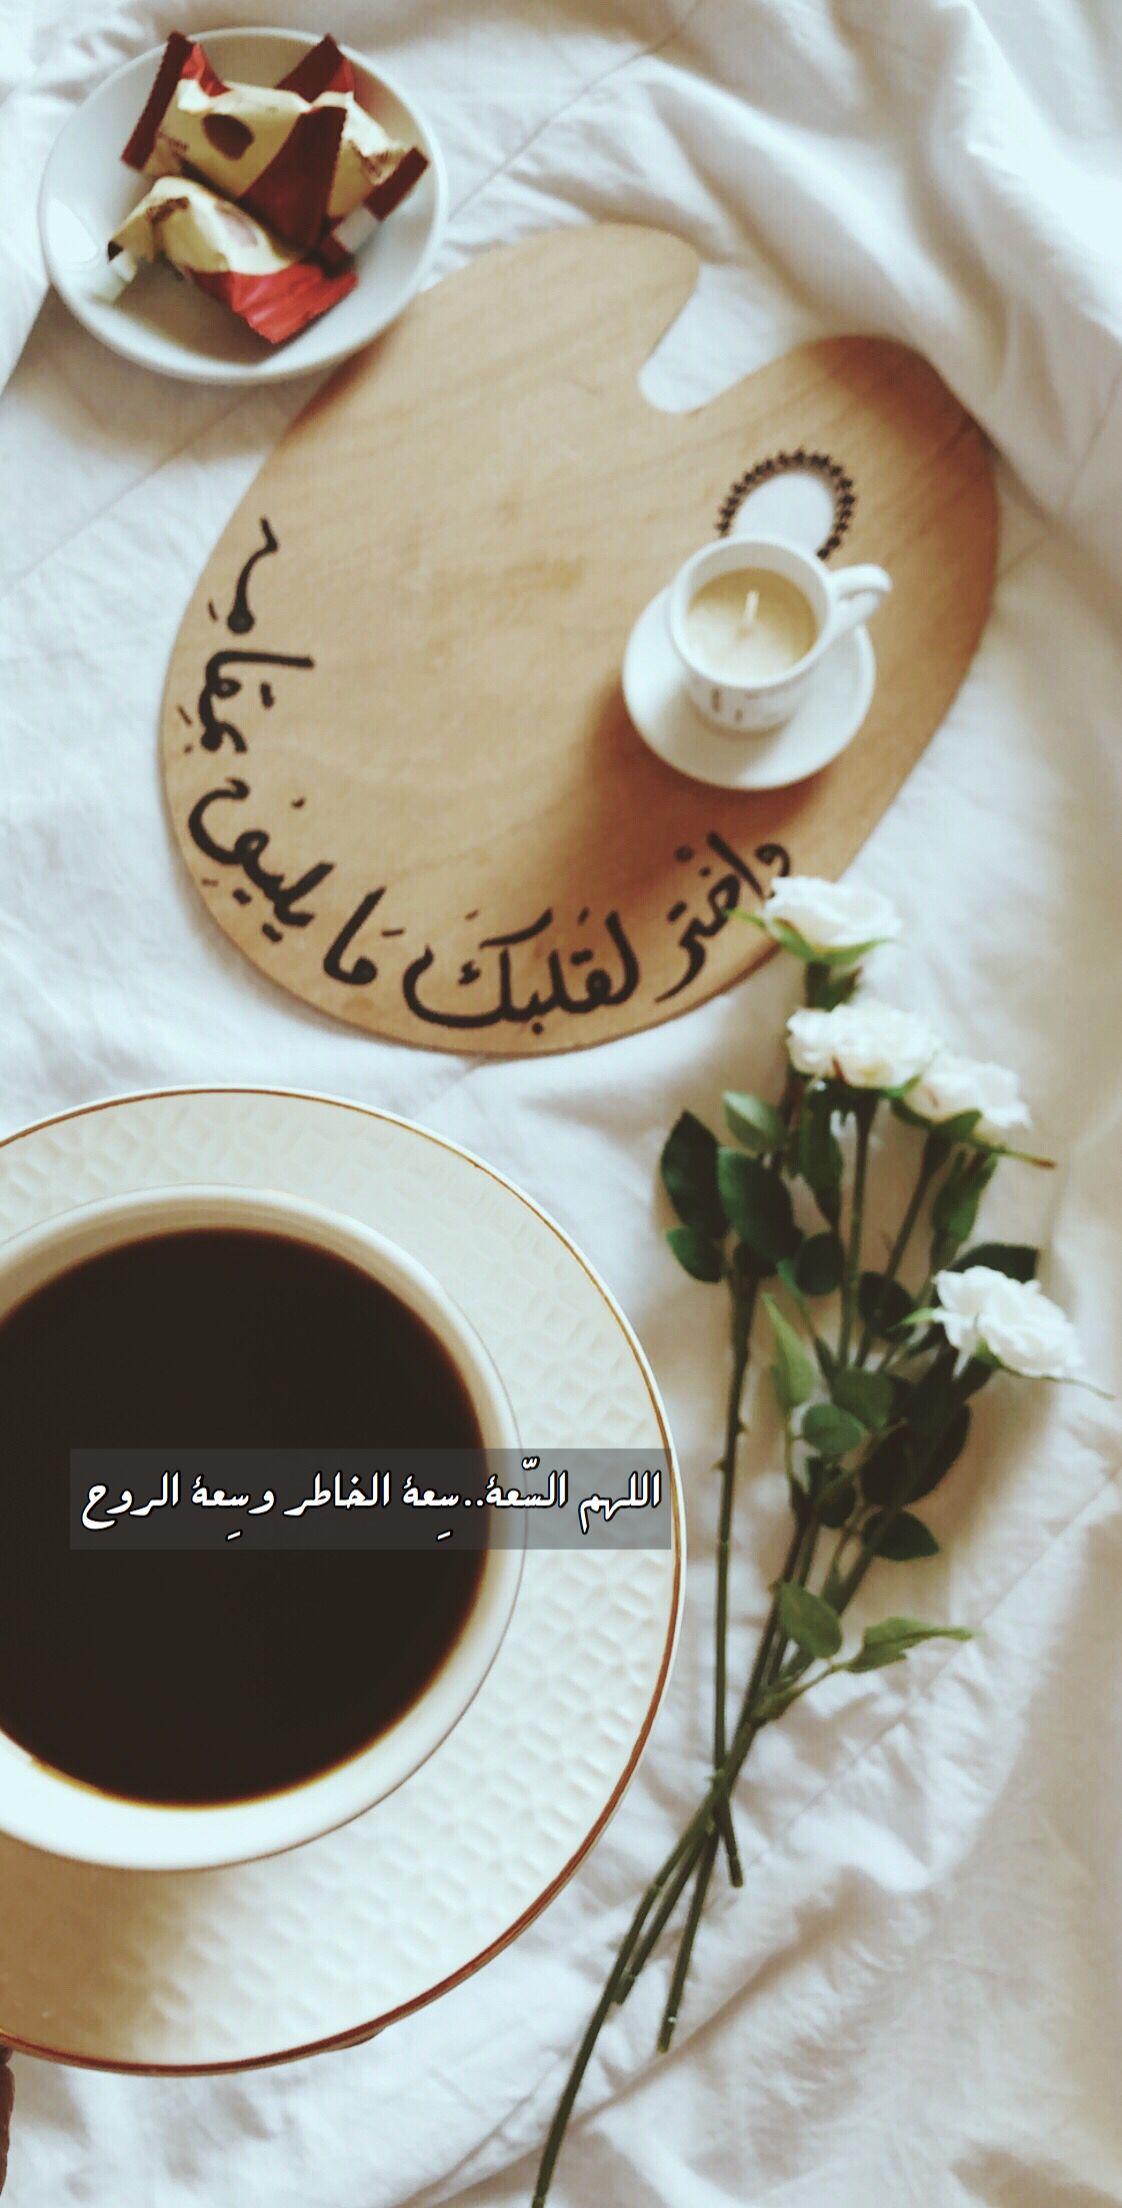 اللهم امين Positive Notes Tableware Glassware